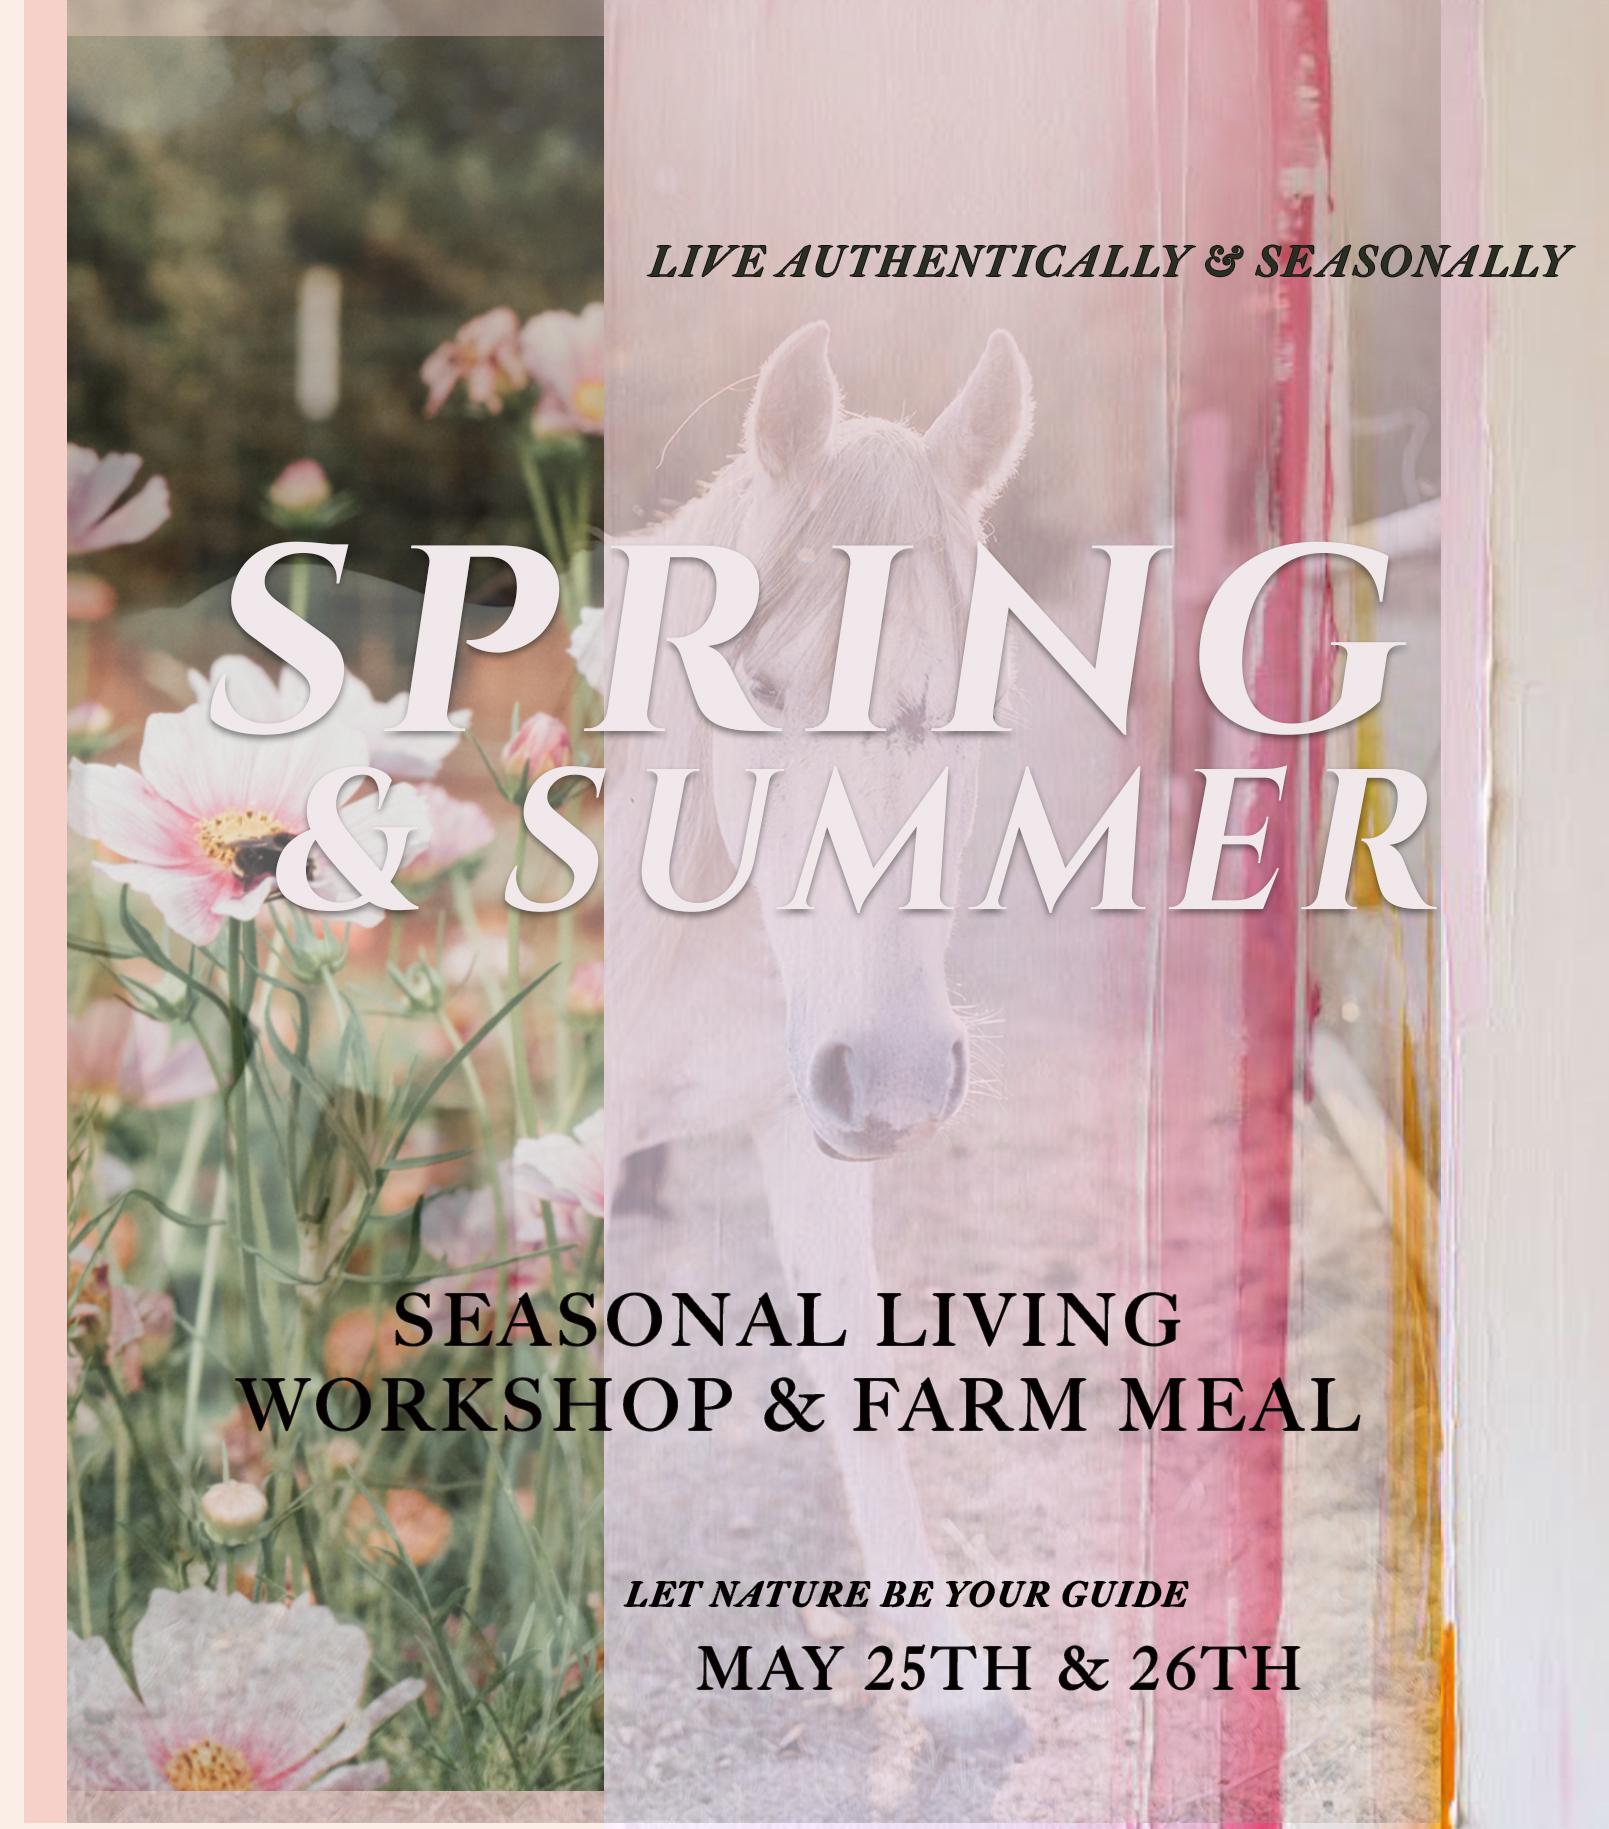 SPRING SUMMER WORKSHOP